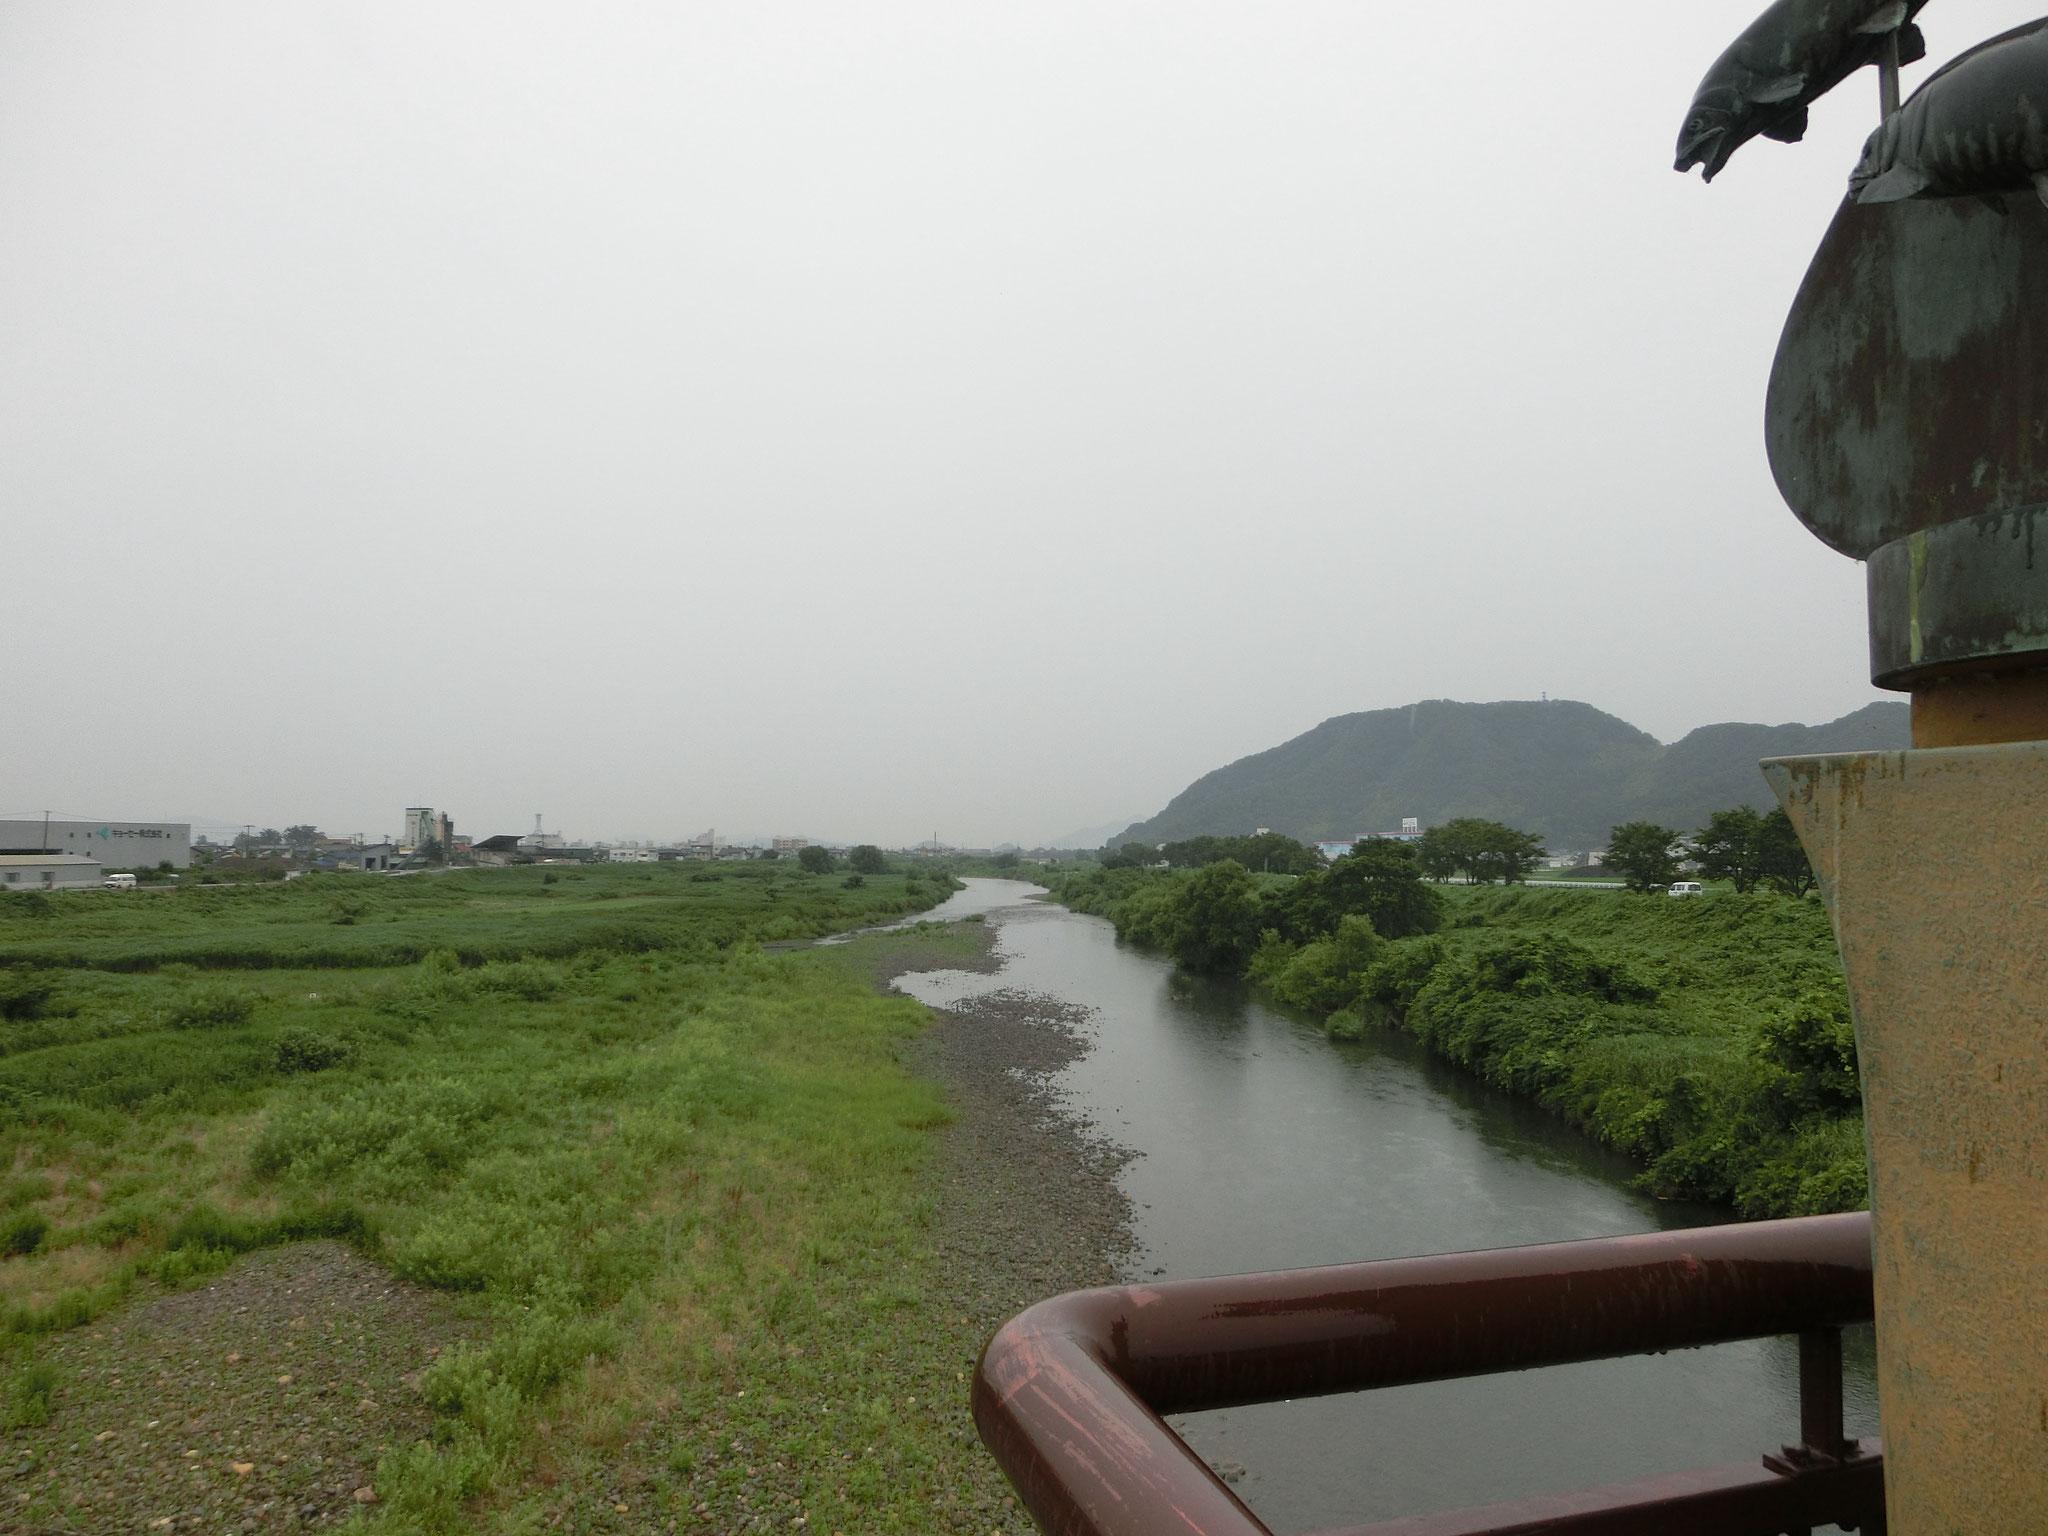 H28.6.24 13時 越前市 日野大橋下流